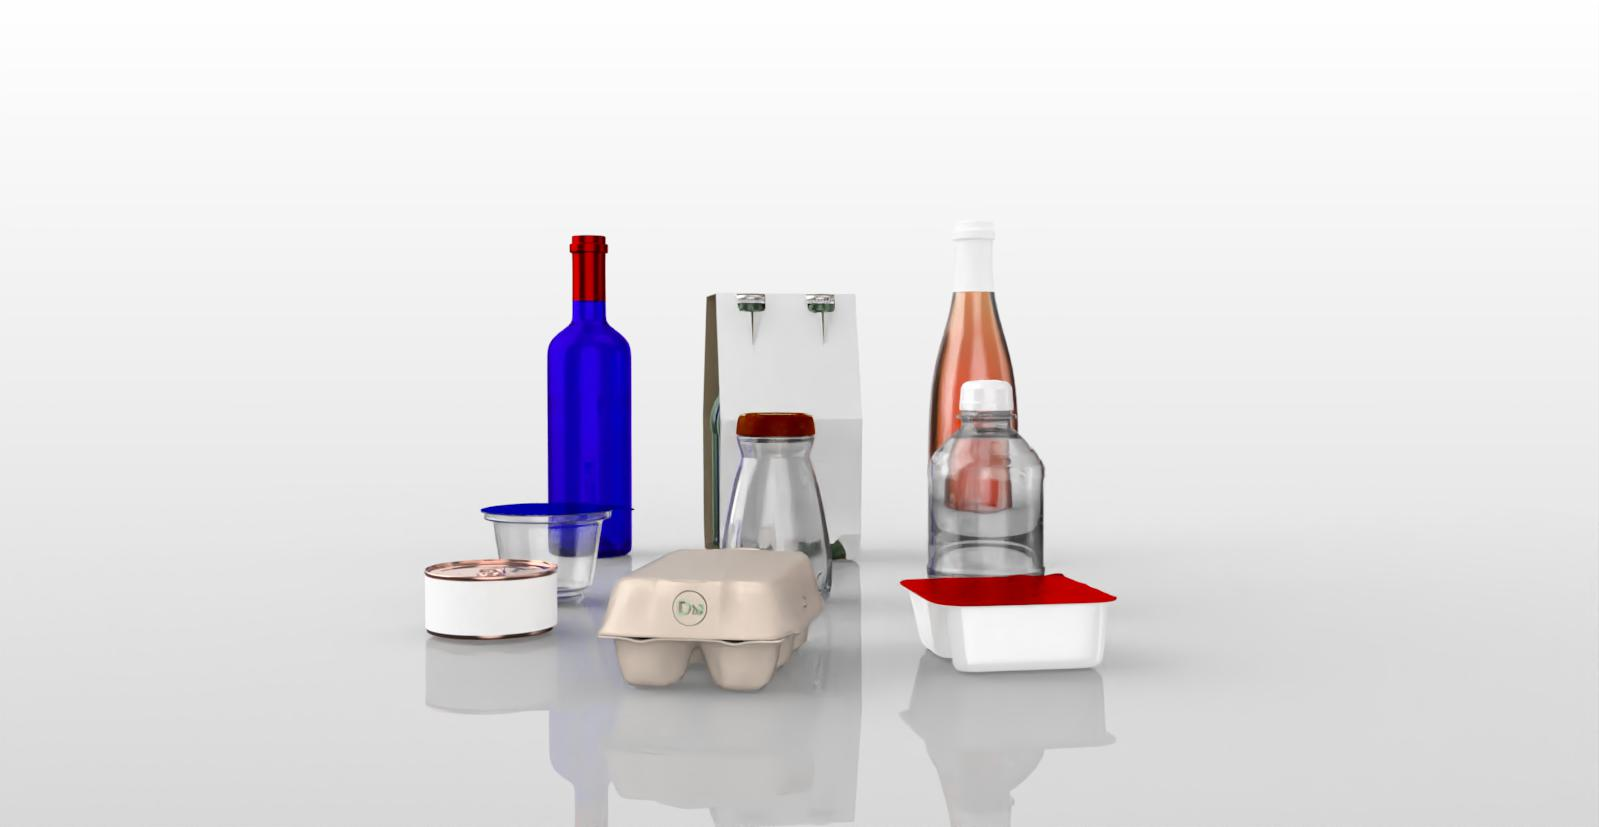 Dxsigner - Designer Consultant en Design produit, packaging, étiquettes, artisans, Visualisation 3D, création 3D de prototype produit entreprises Bretagne, Finistère Brest, Quimper - Multiple-Design-Produit-003